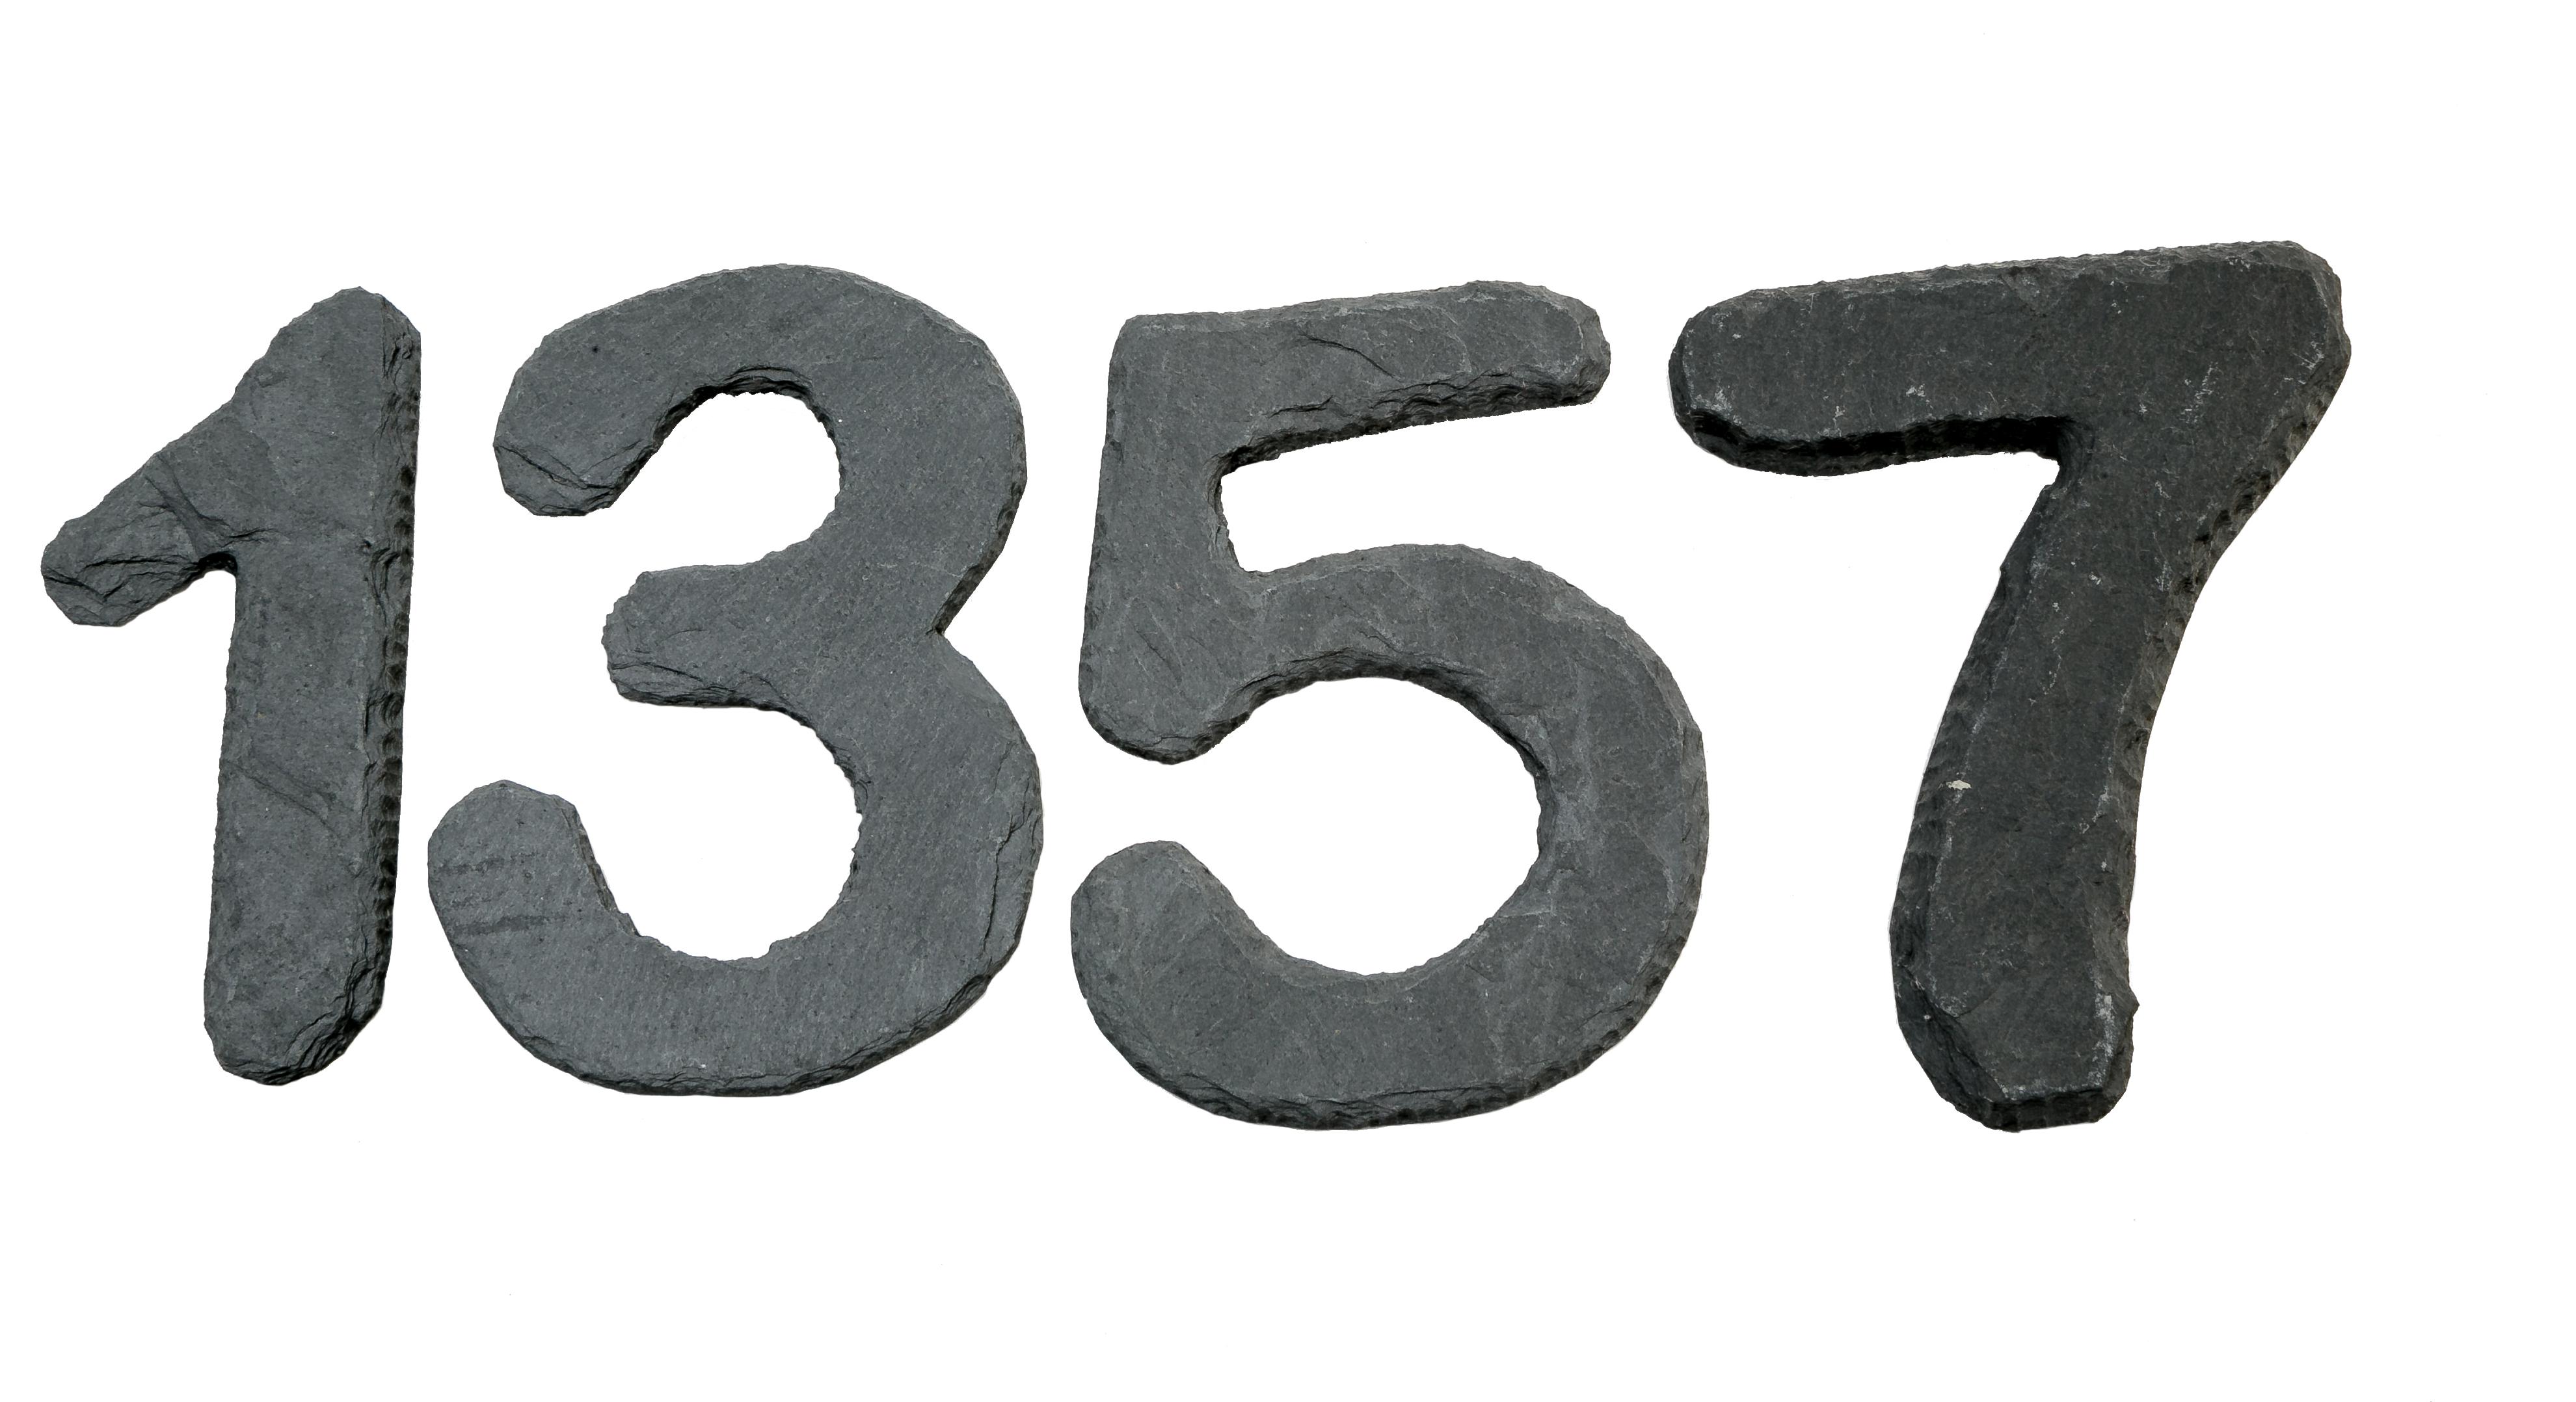 Schieferdeko Schiefer Zahlen handgefertigt 14 x 10,5 cm